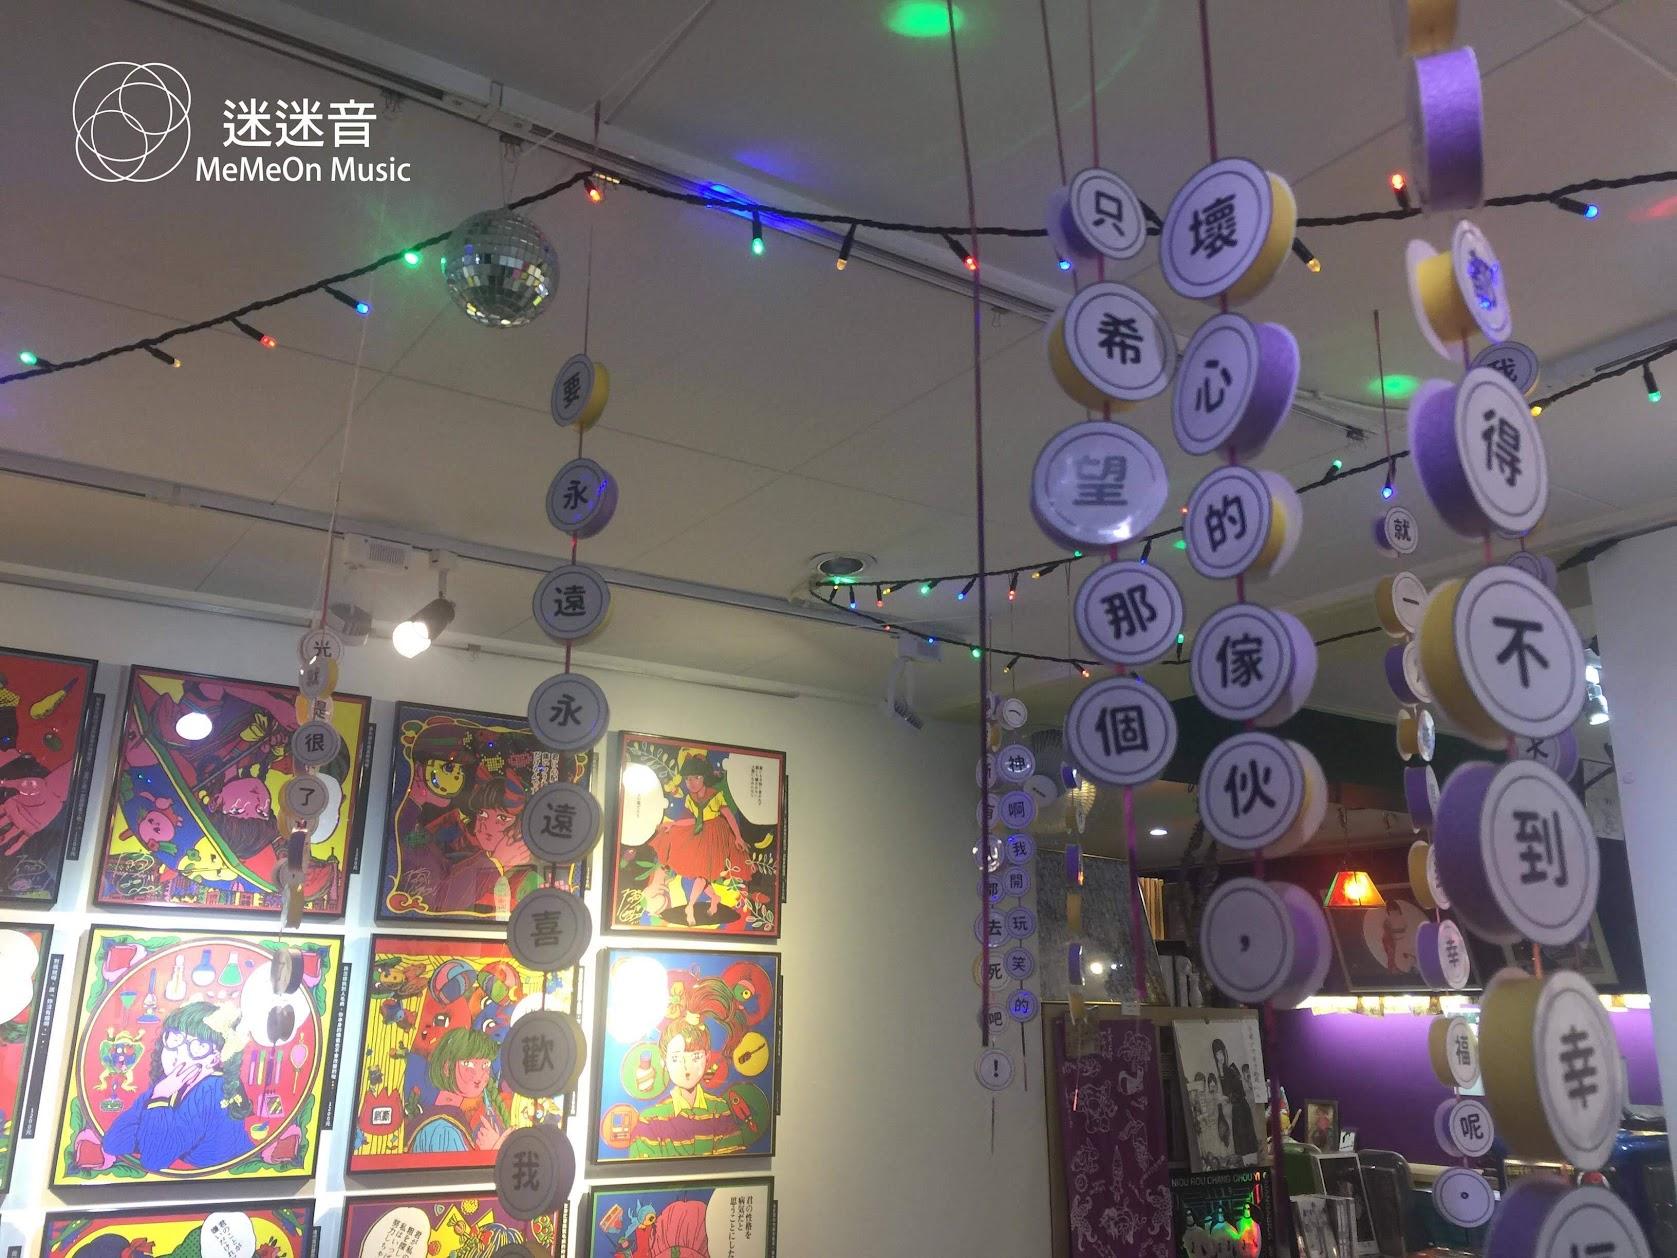 【迷迷現場】曾與sukekiyo、大森靖子、極品下流少女…眾多音樂人合作的知名插畫家 原田千秋 台灣個展「原來不是我」